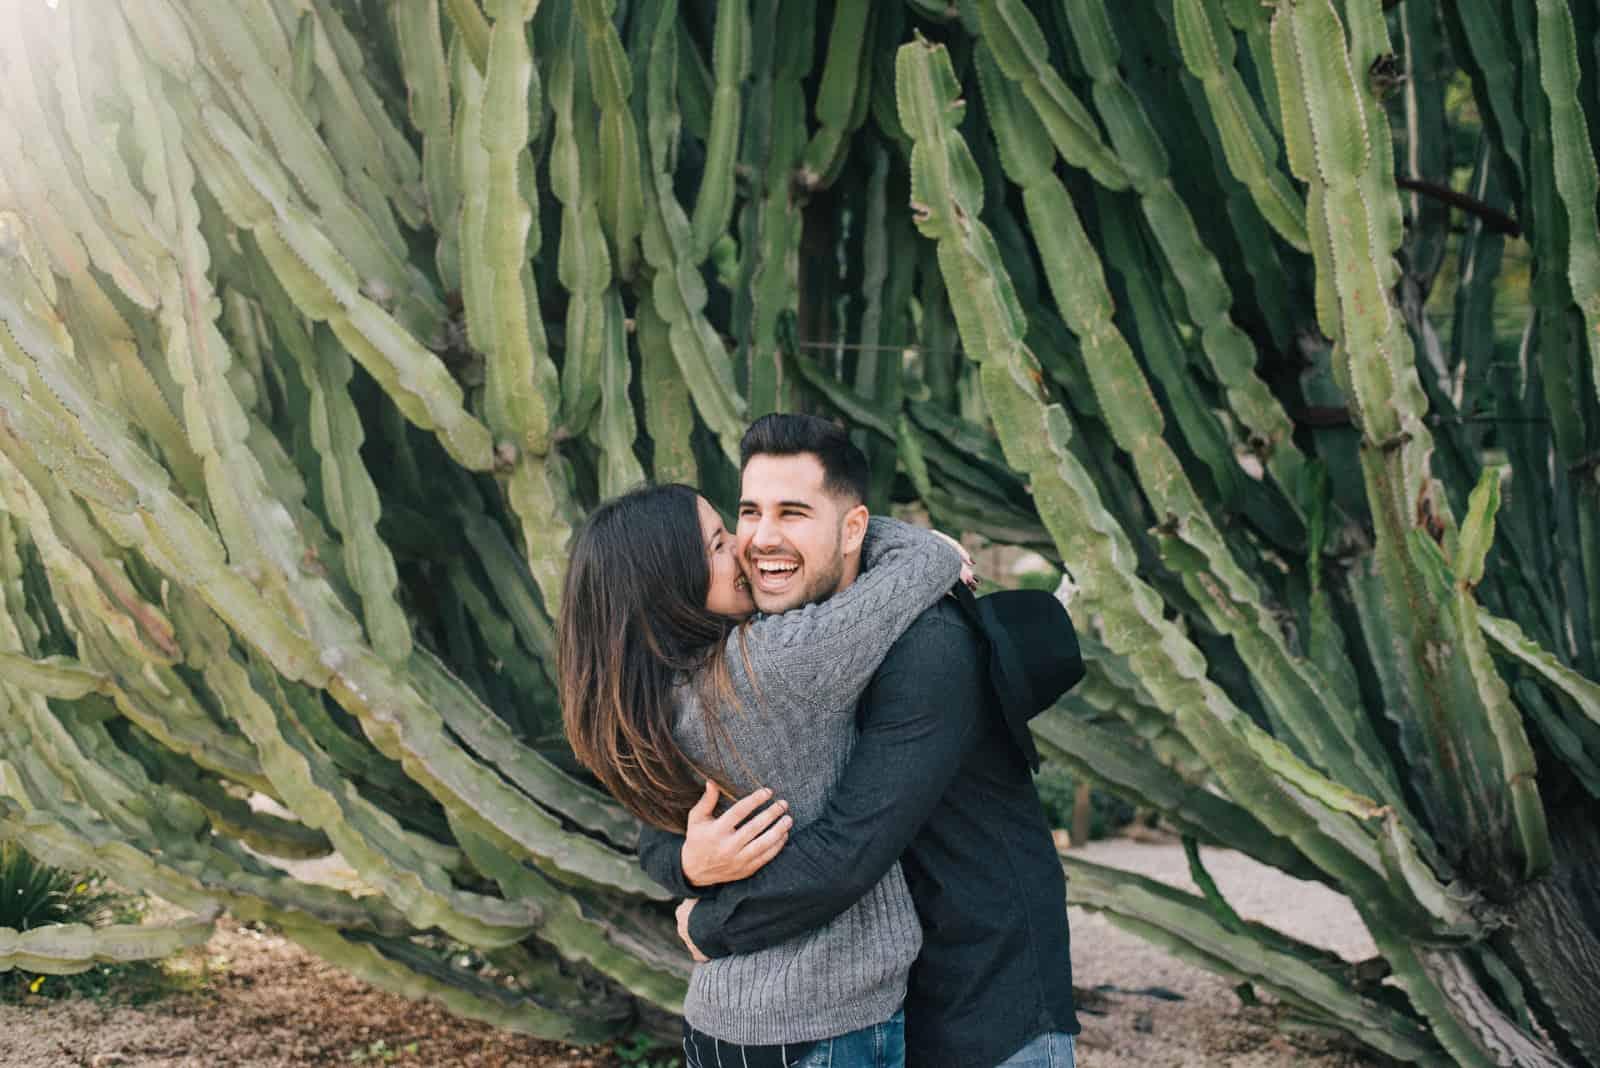 femme embrassant un homme debout près d'un cactus